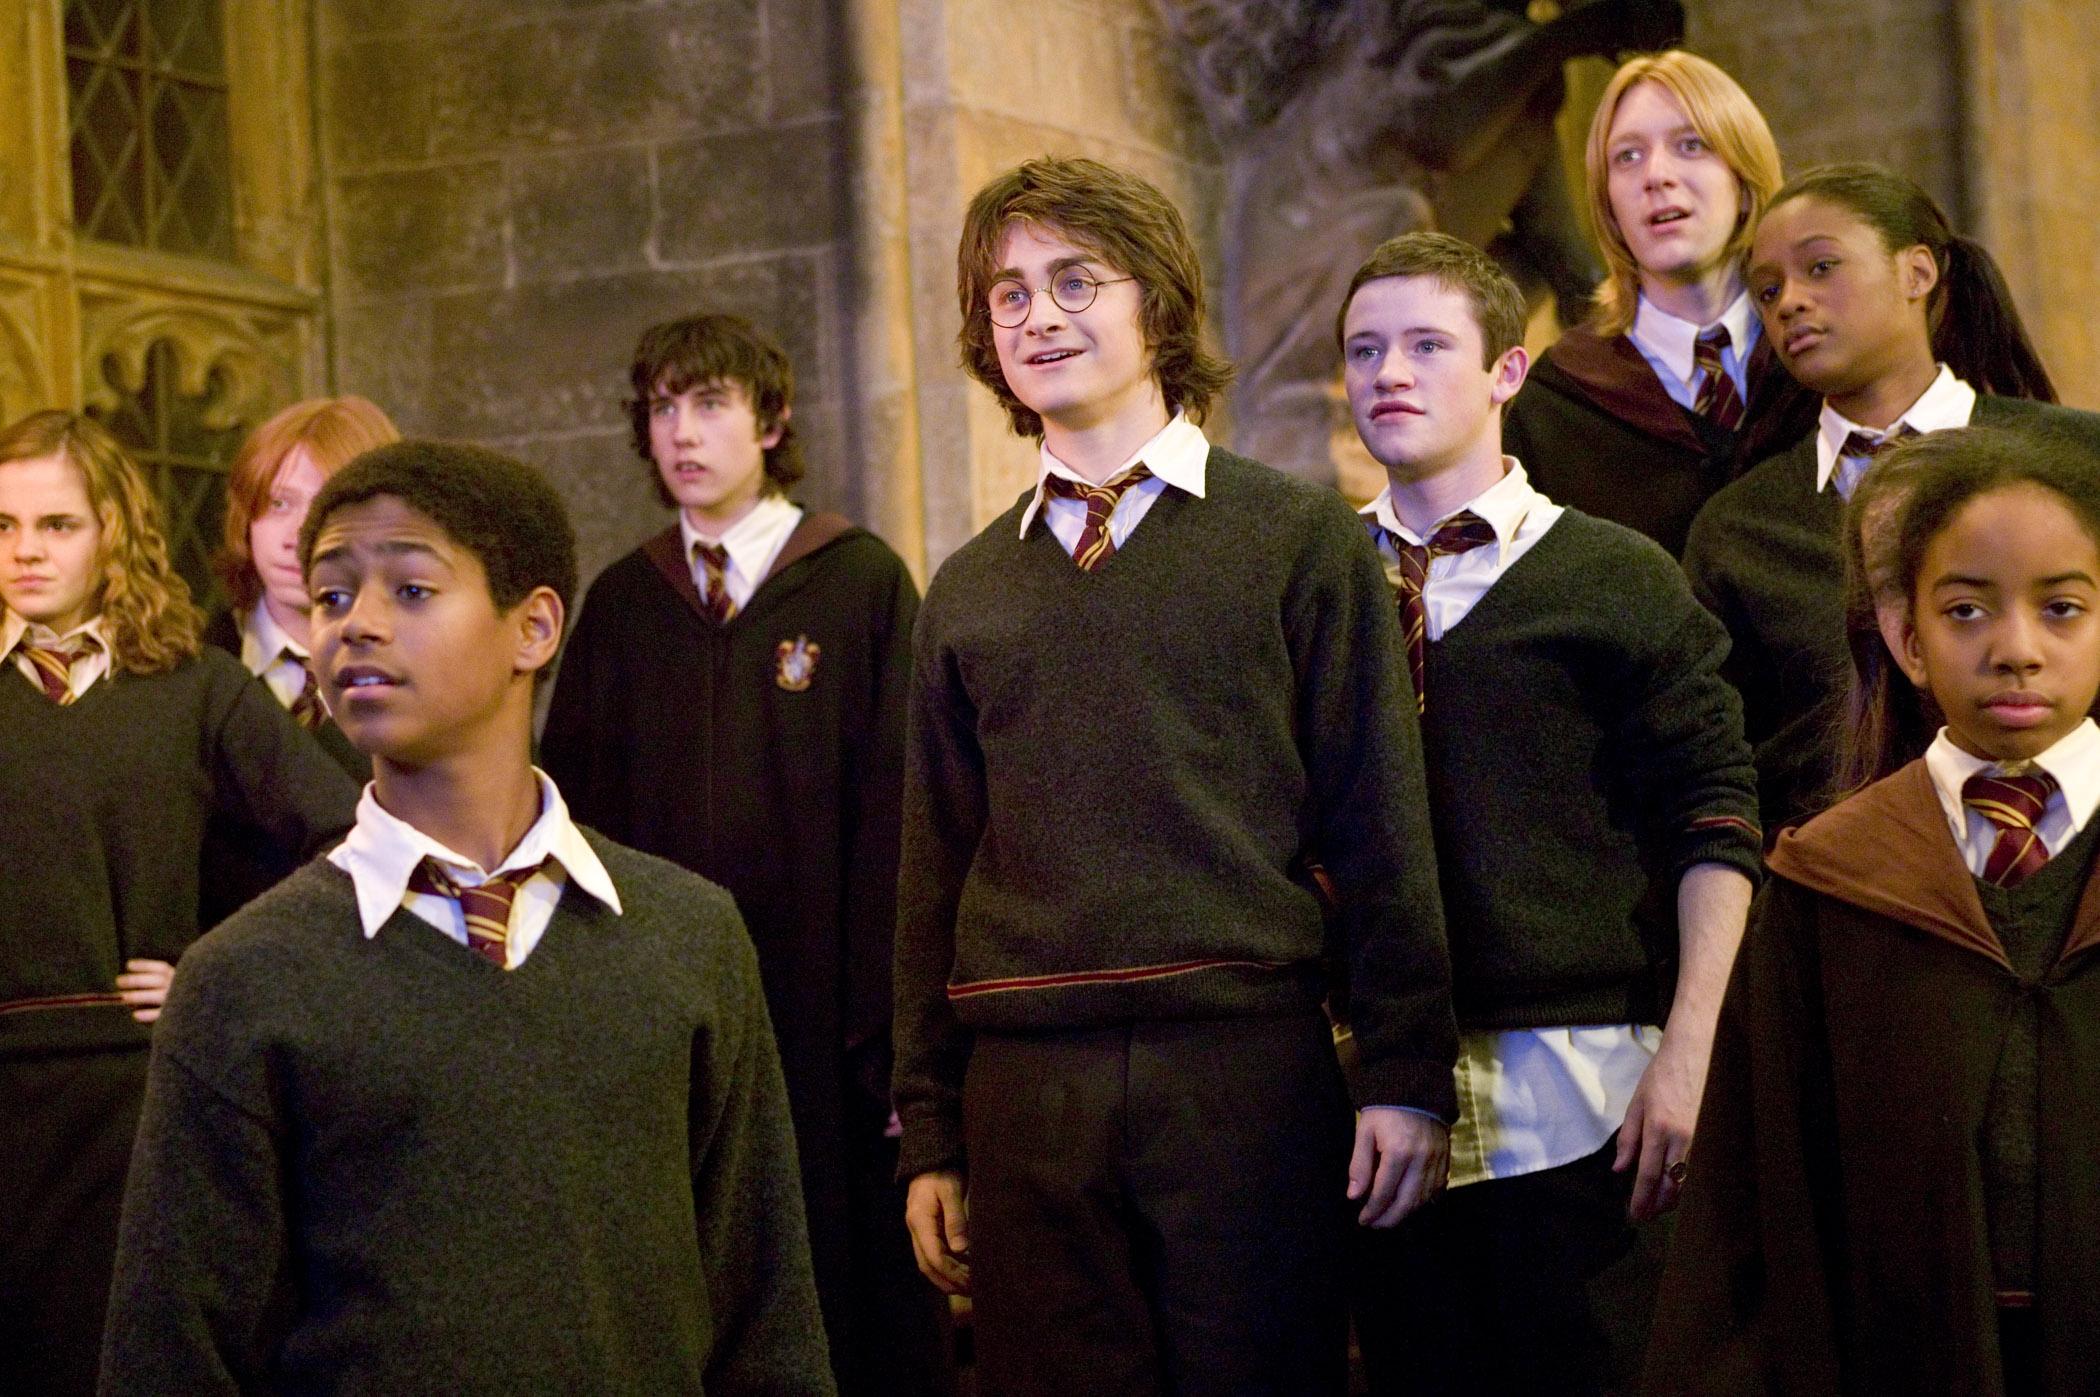 Jeu des images (version HP) - Page 5 Photos-officielles-hermione-neville-gryffondor-big